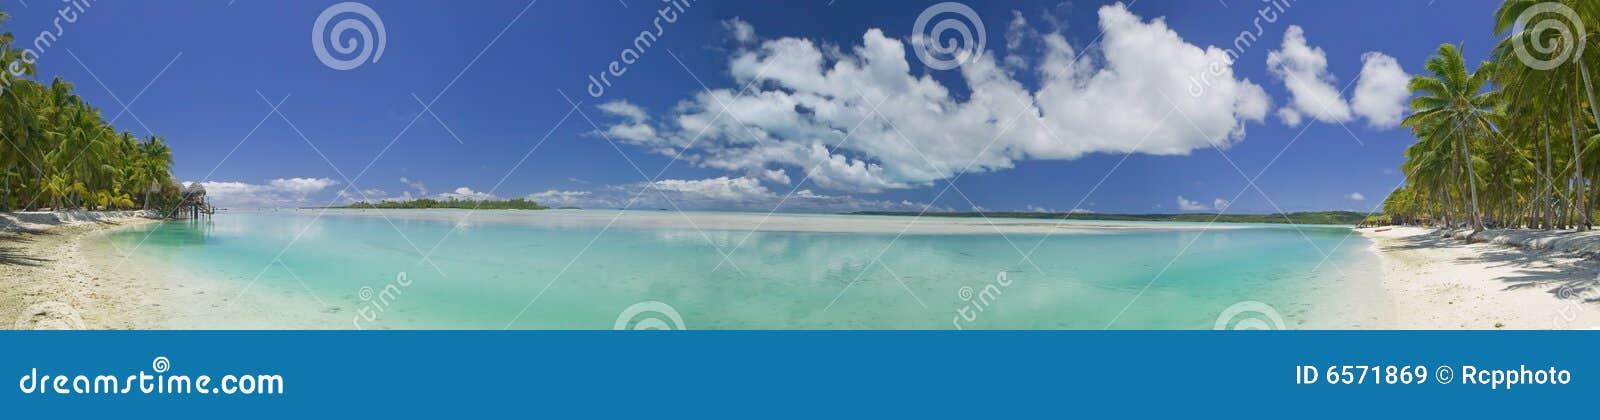 Paradis rêveur tropical de plage panoramique